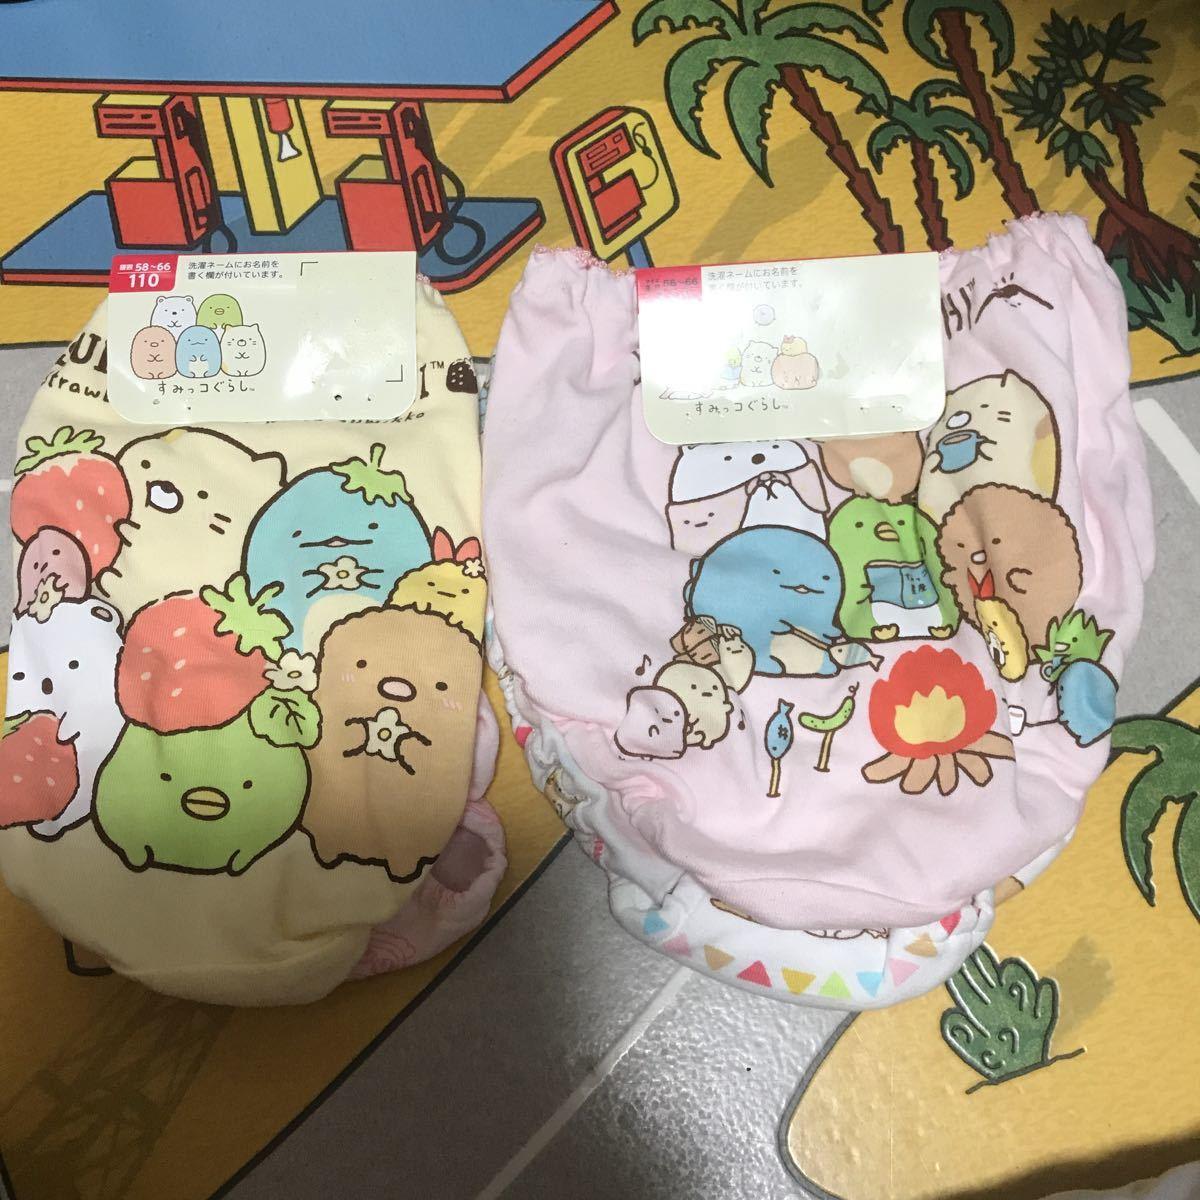 松63 新品 1円スタート すみっコぐらし 女児 ショーツ パンツ 2枚組×2 計4枚セット サイズ110 下着 すみっこぐらし